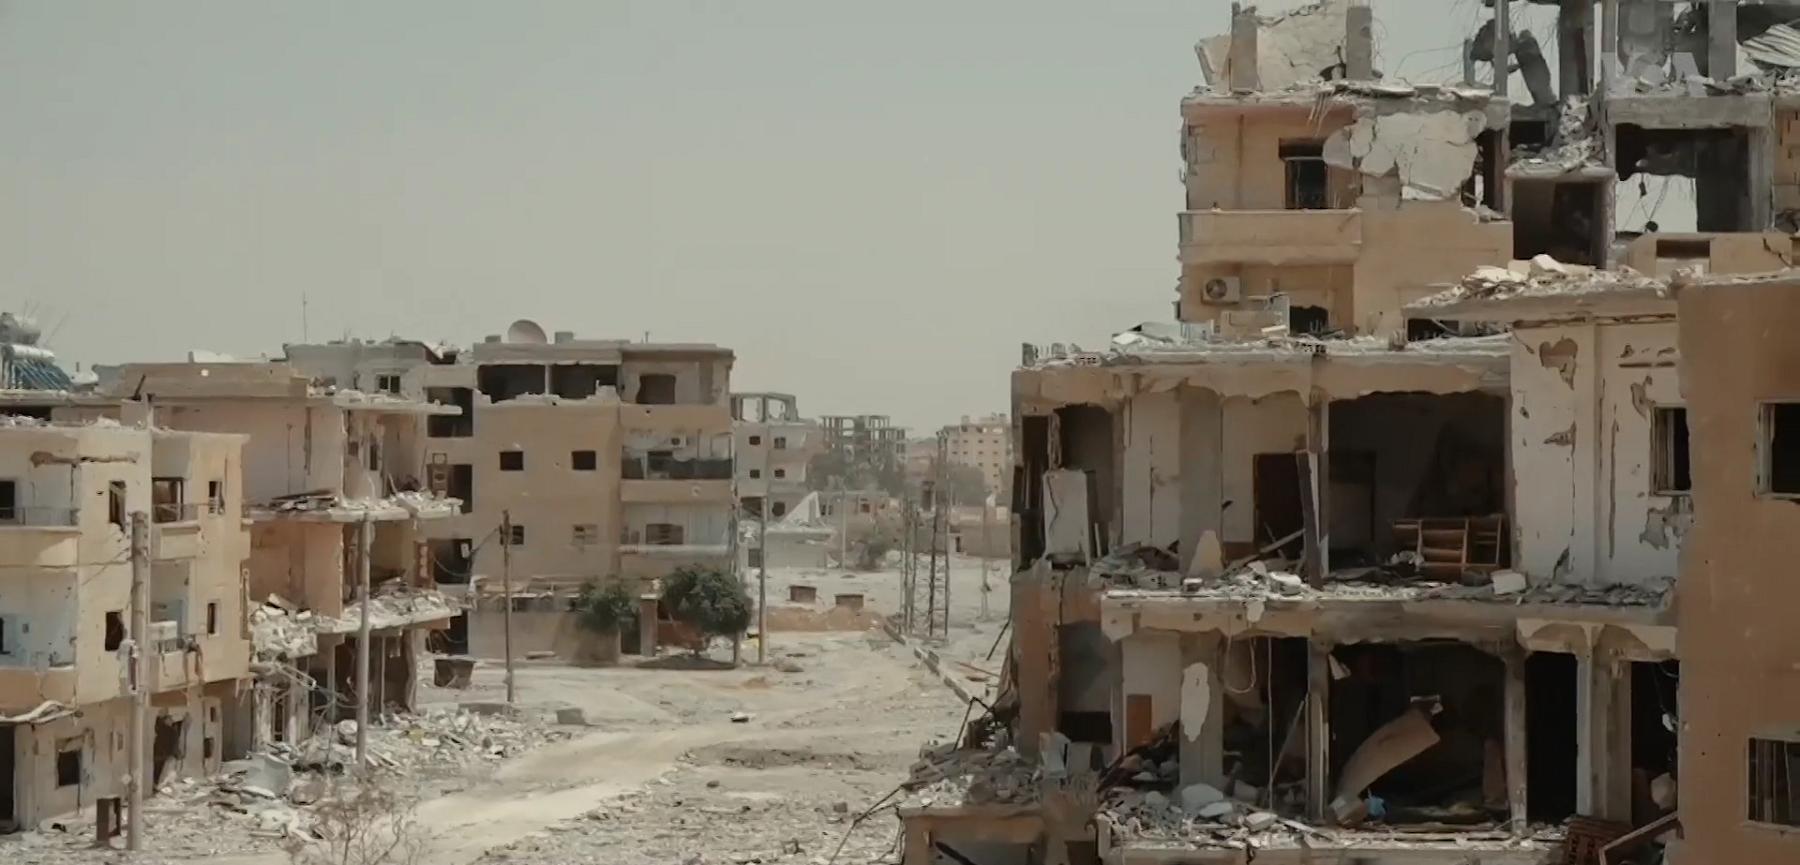 A cidade de Raqqa, na Síria, sofreu um grande impacto durante a guerra no país, quando chegou a ser controlada pelo Estado Islâmico